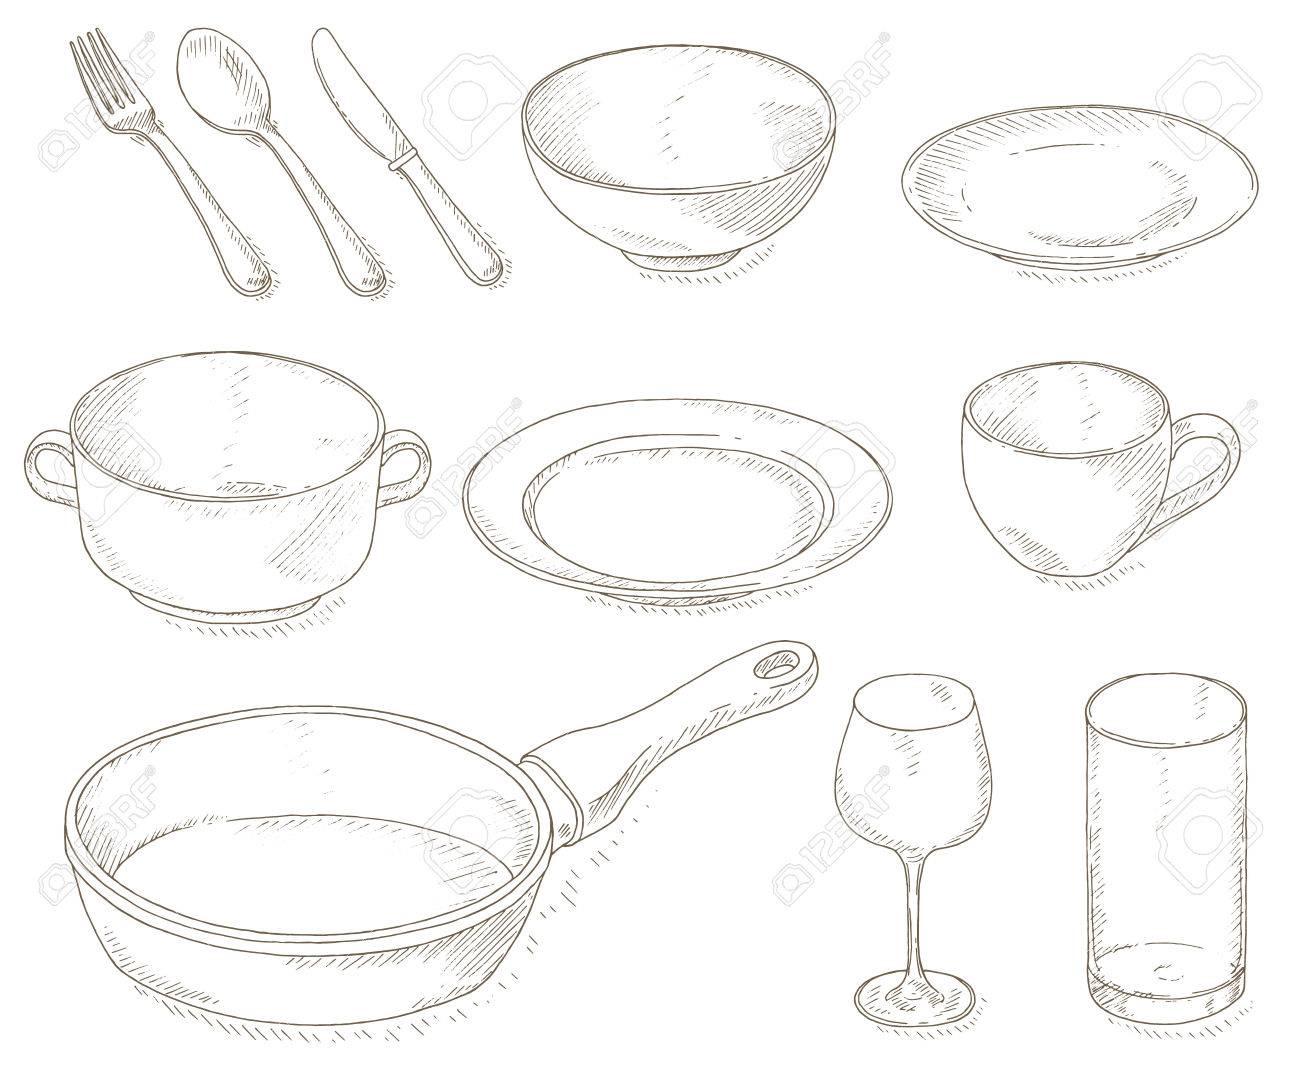 1300x1070 Empty Dishes Set. Kitchen Utensil Sketch. Dinnerware Plates